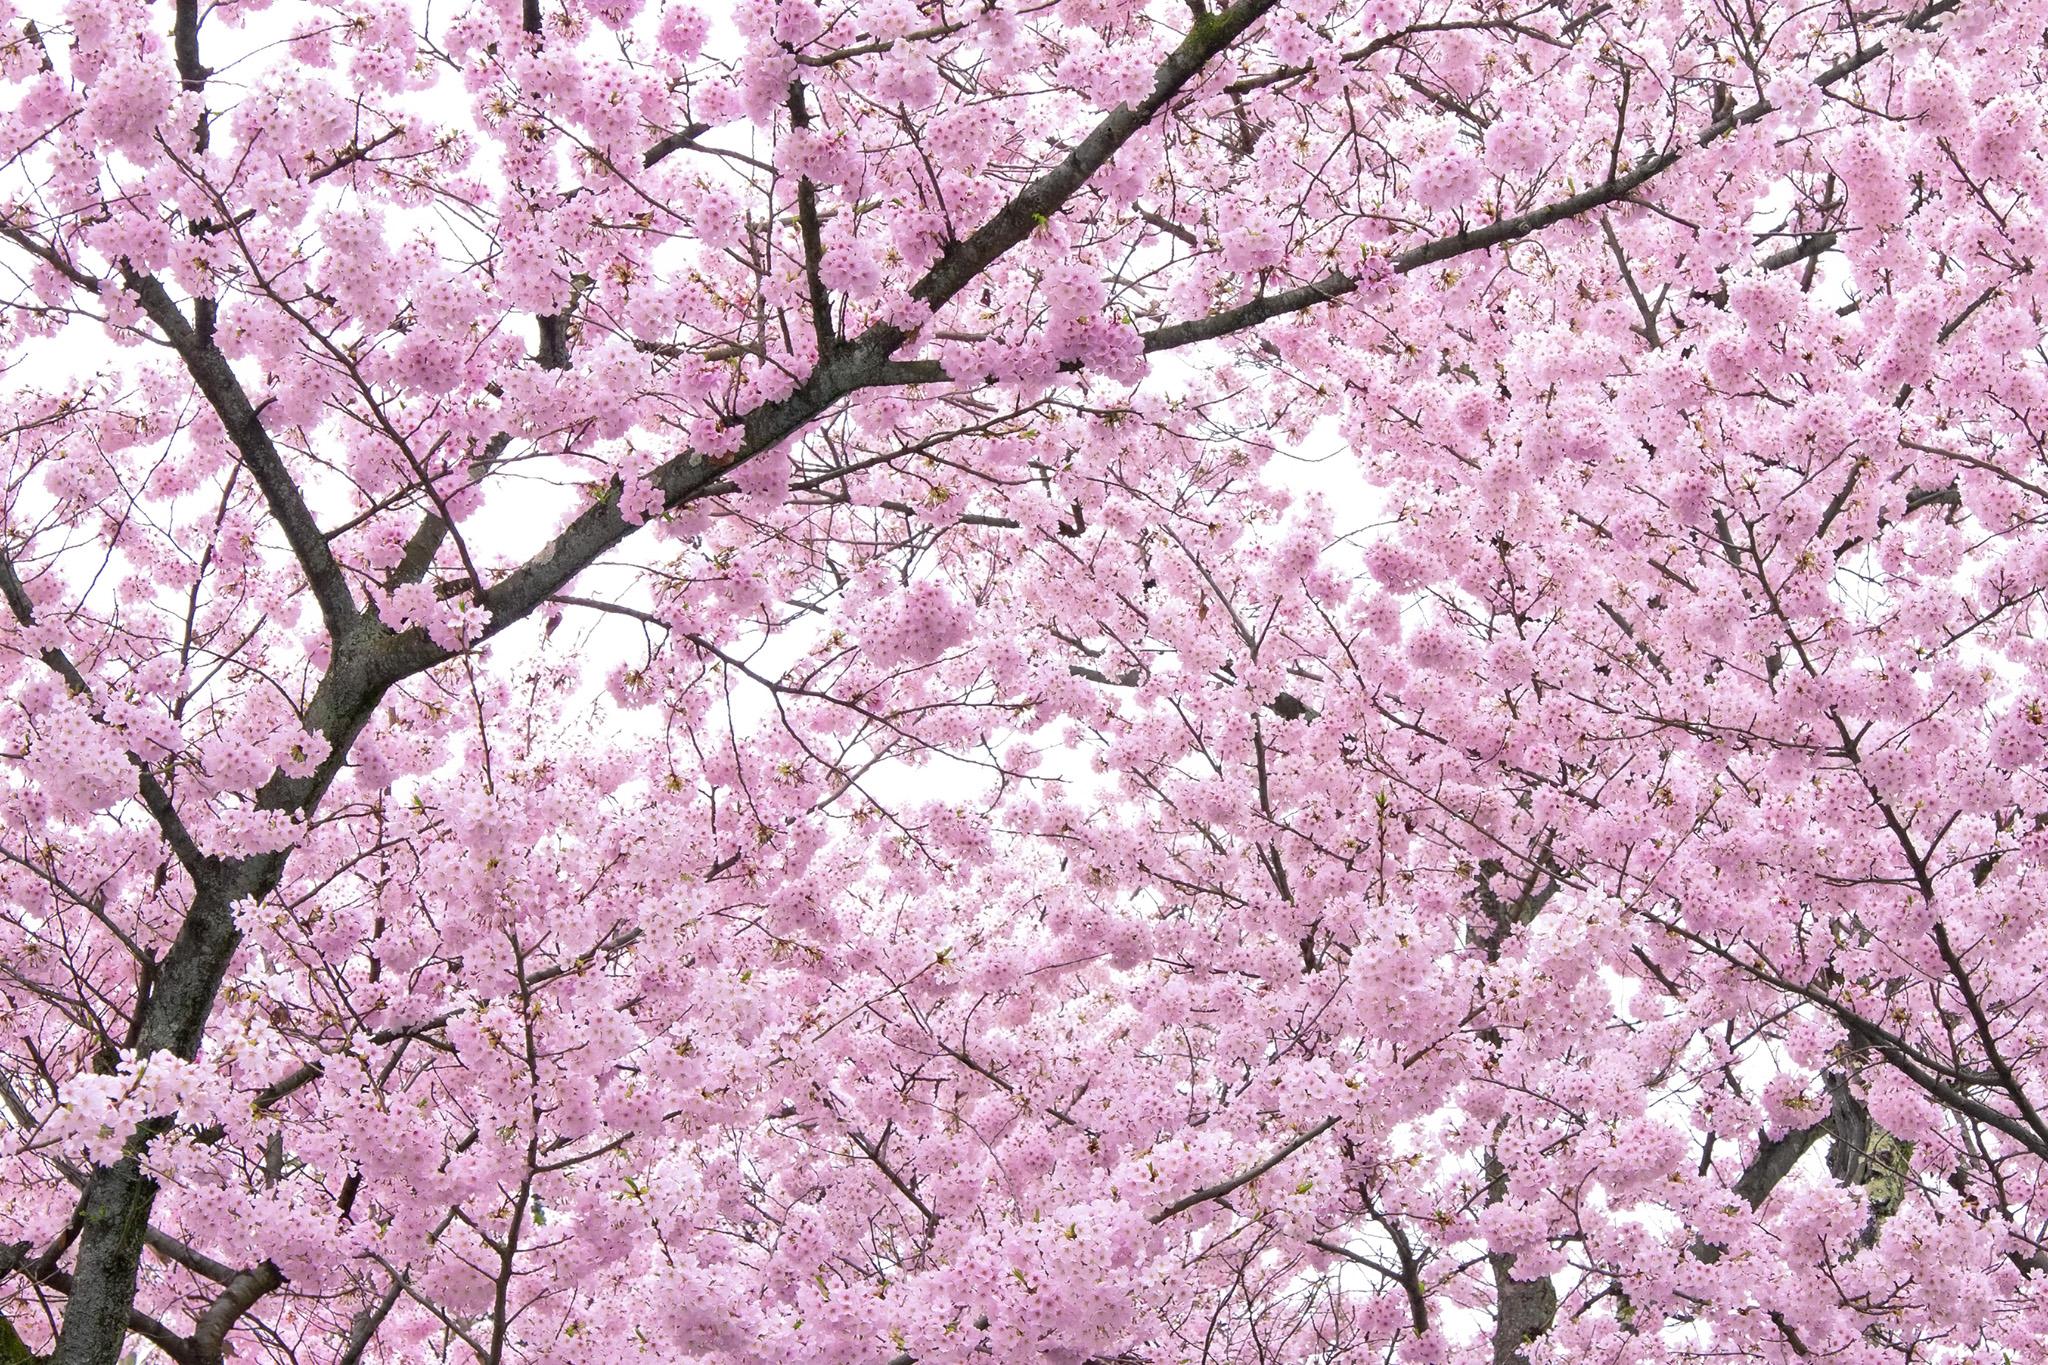 「満開のピンクの桜の木」